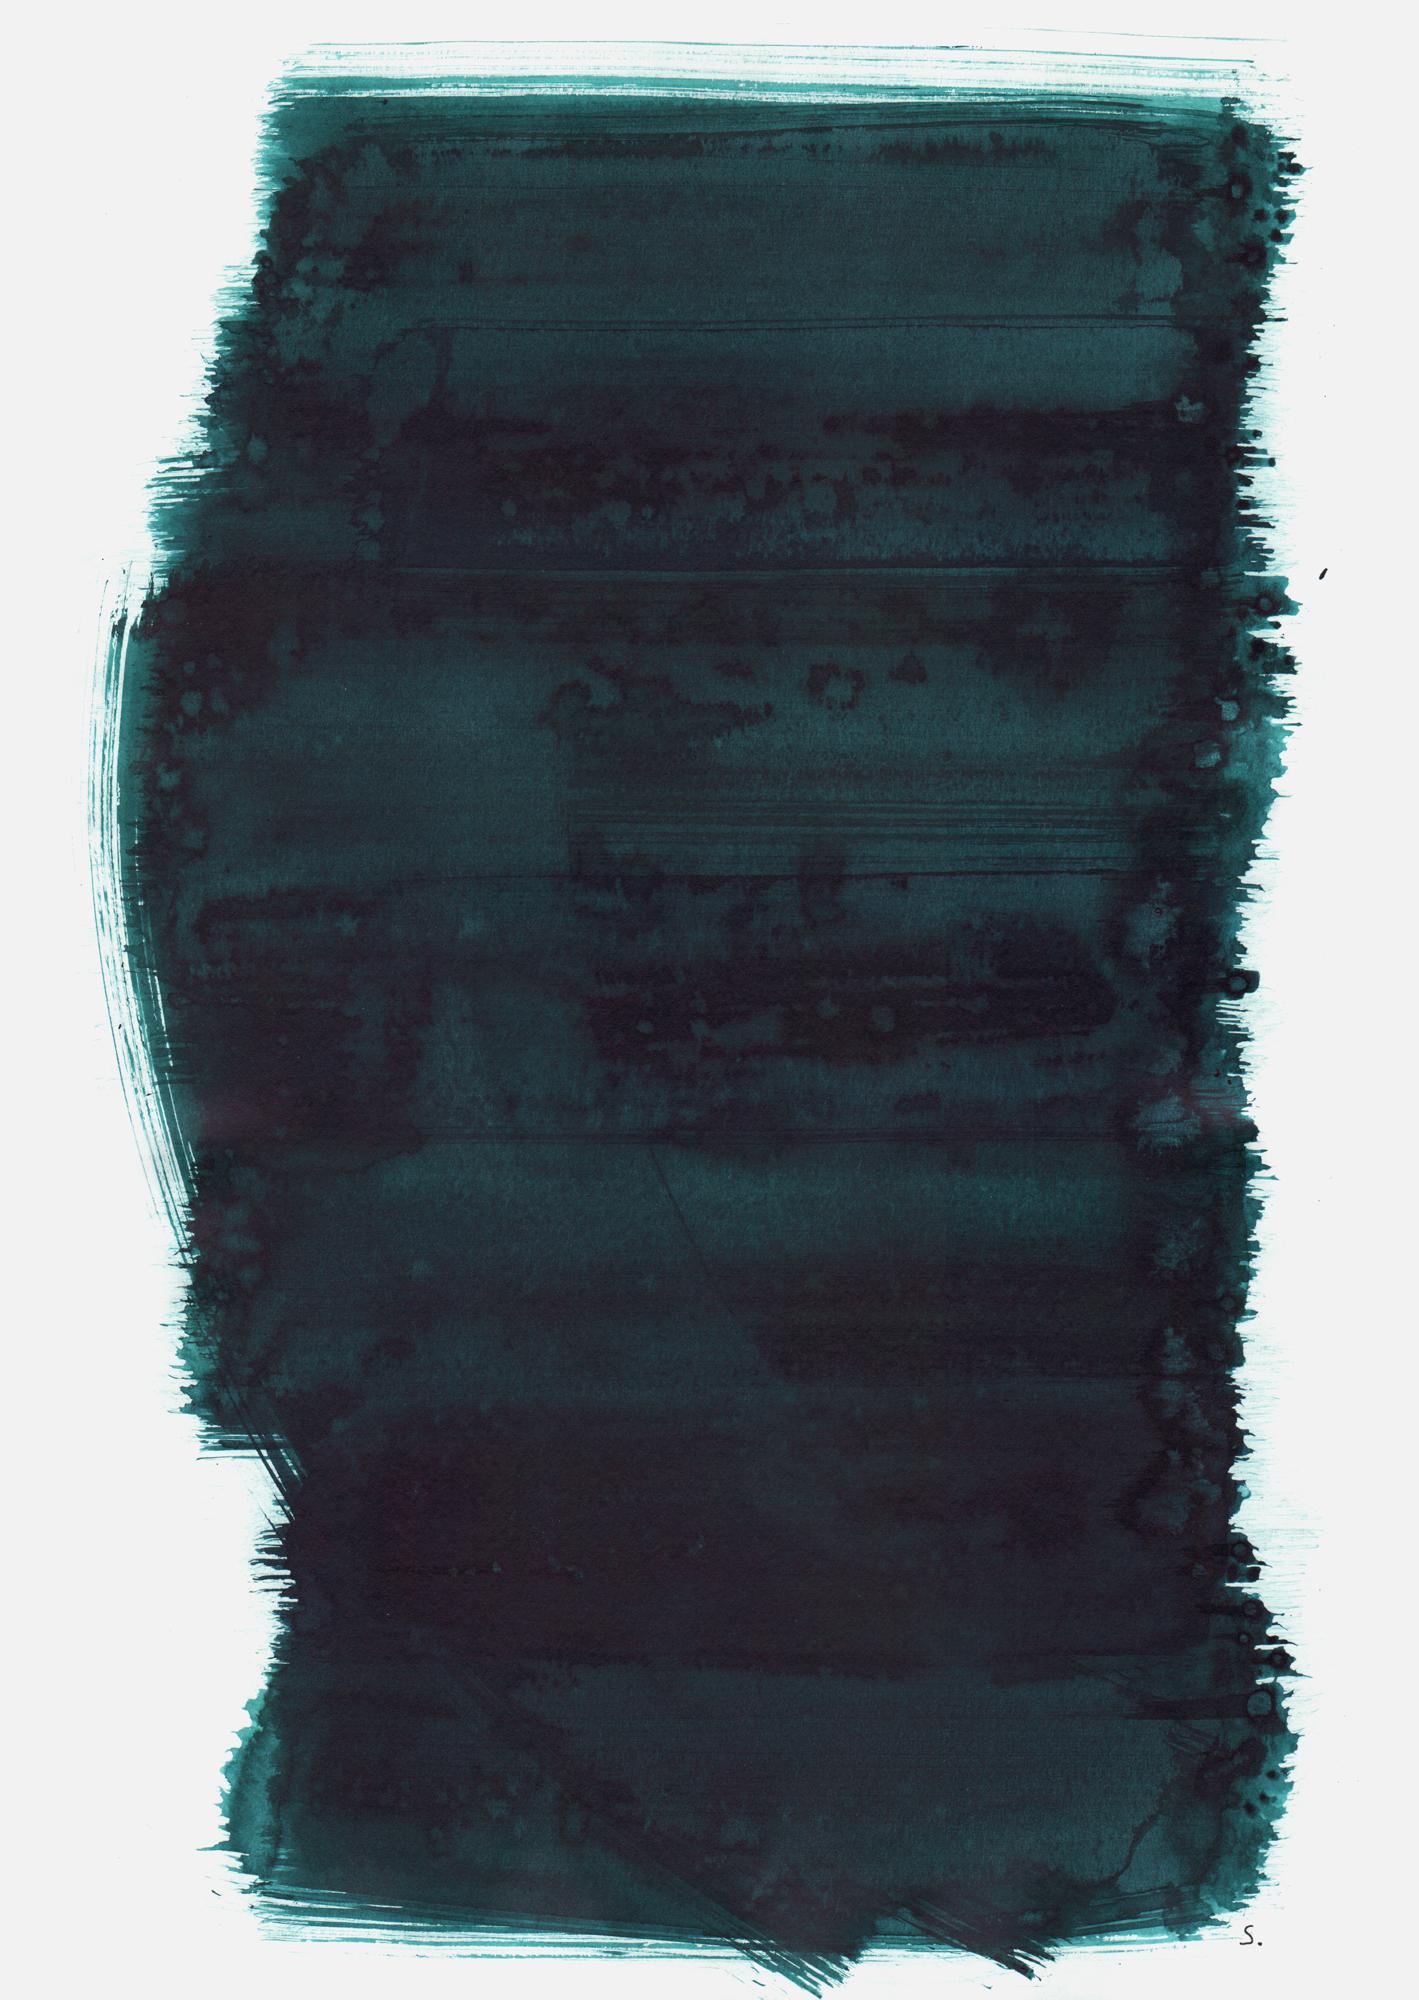 """""""An Albert Julius Flank"""", 2019, Tusche auf Papier, 48 x 36cm; ©: Konstanze Sailer [Flank, Albert Julius; * 24.12.1934 in München; deportiert aus München; † nach dem 04.04.1942 in Piaski]"""